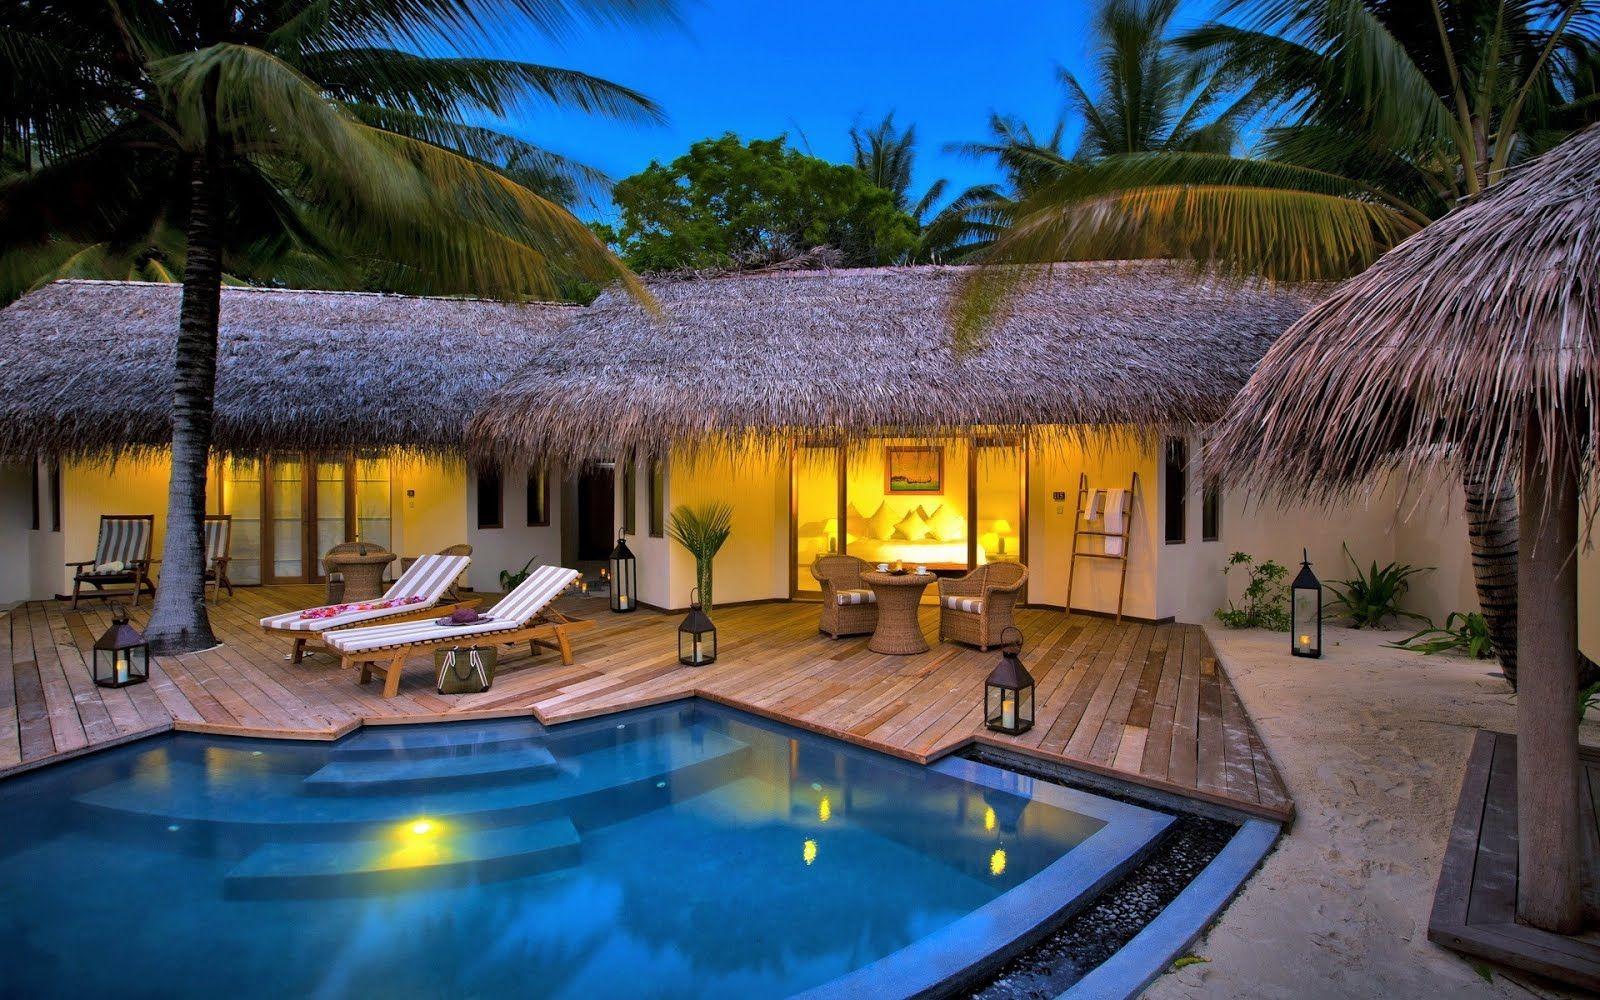 Caba C3 B1a De Lujo Con Piscina Luxury Bungalow 1920x1200 Wallpaper Jpg 1600 1000 Cabaña De Lujo Casas De Veraneo Casas De Verano